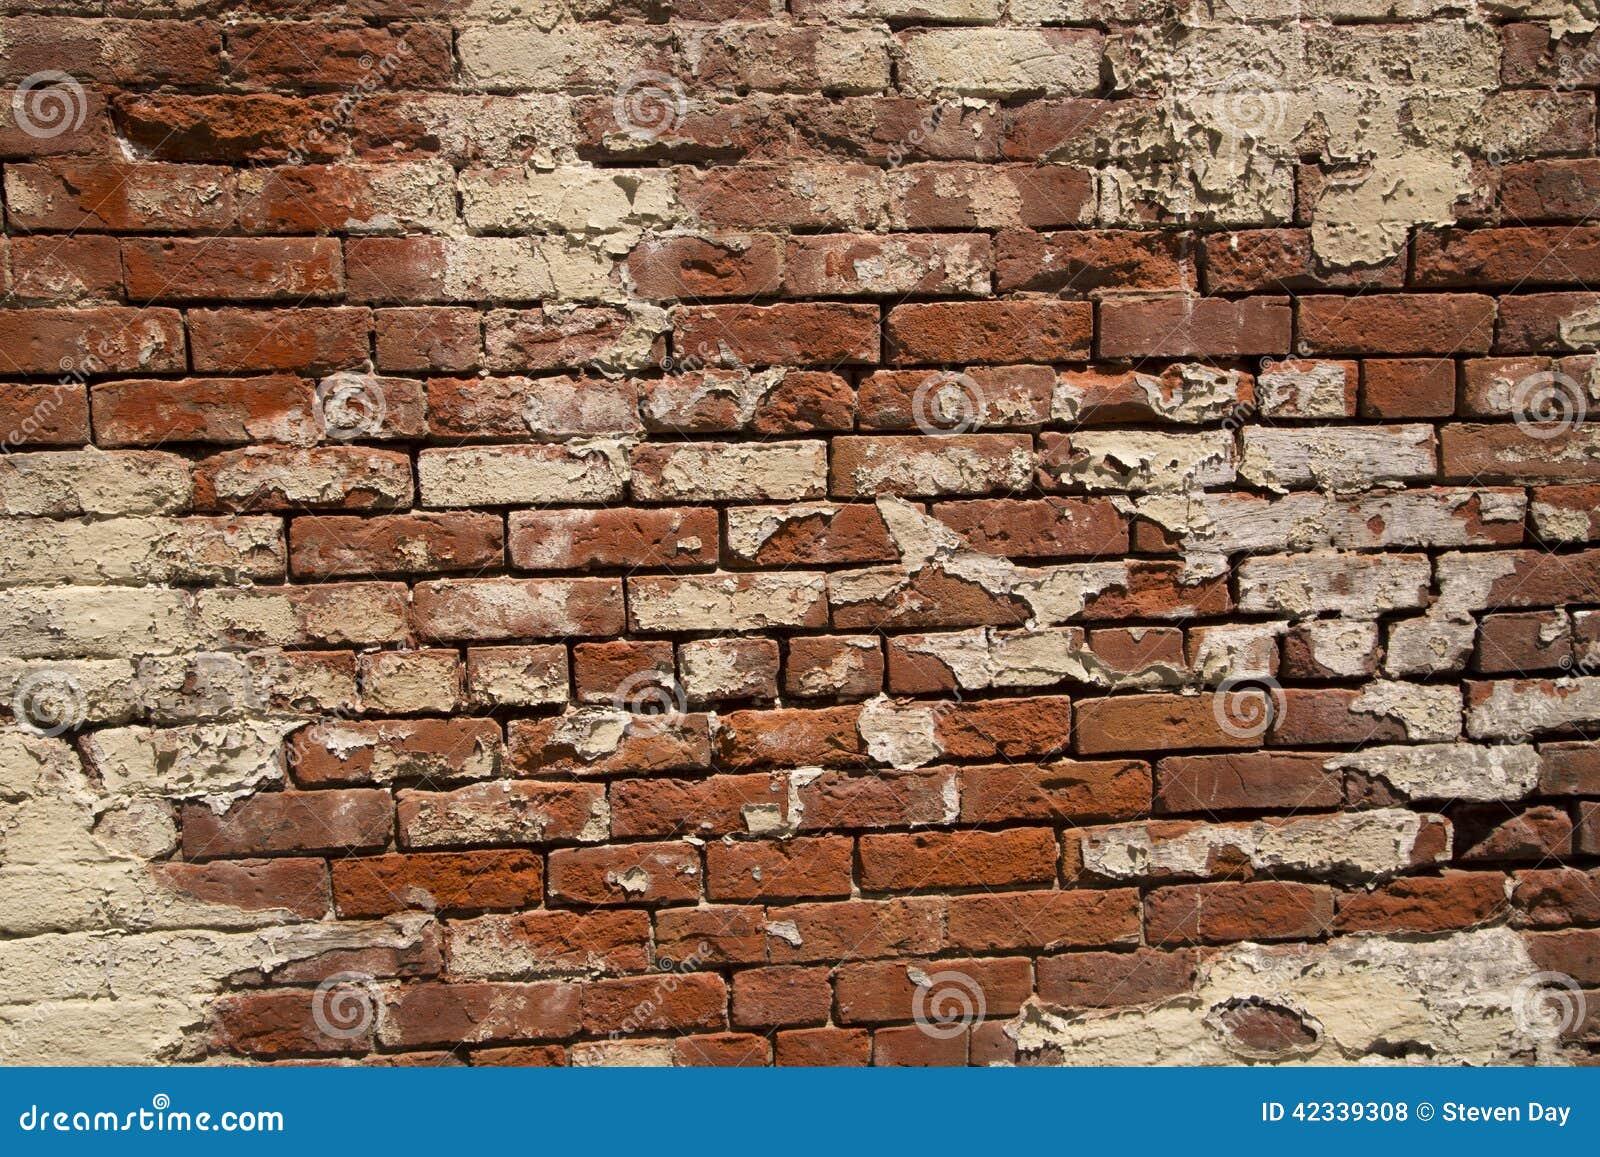 Mur de briques rouge de gr s unique et peinture blanche - Peindre cheminee brique rouge ...